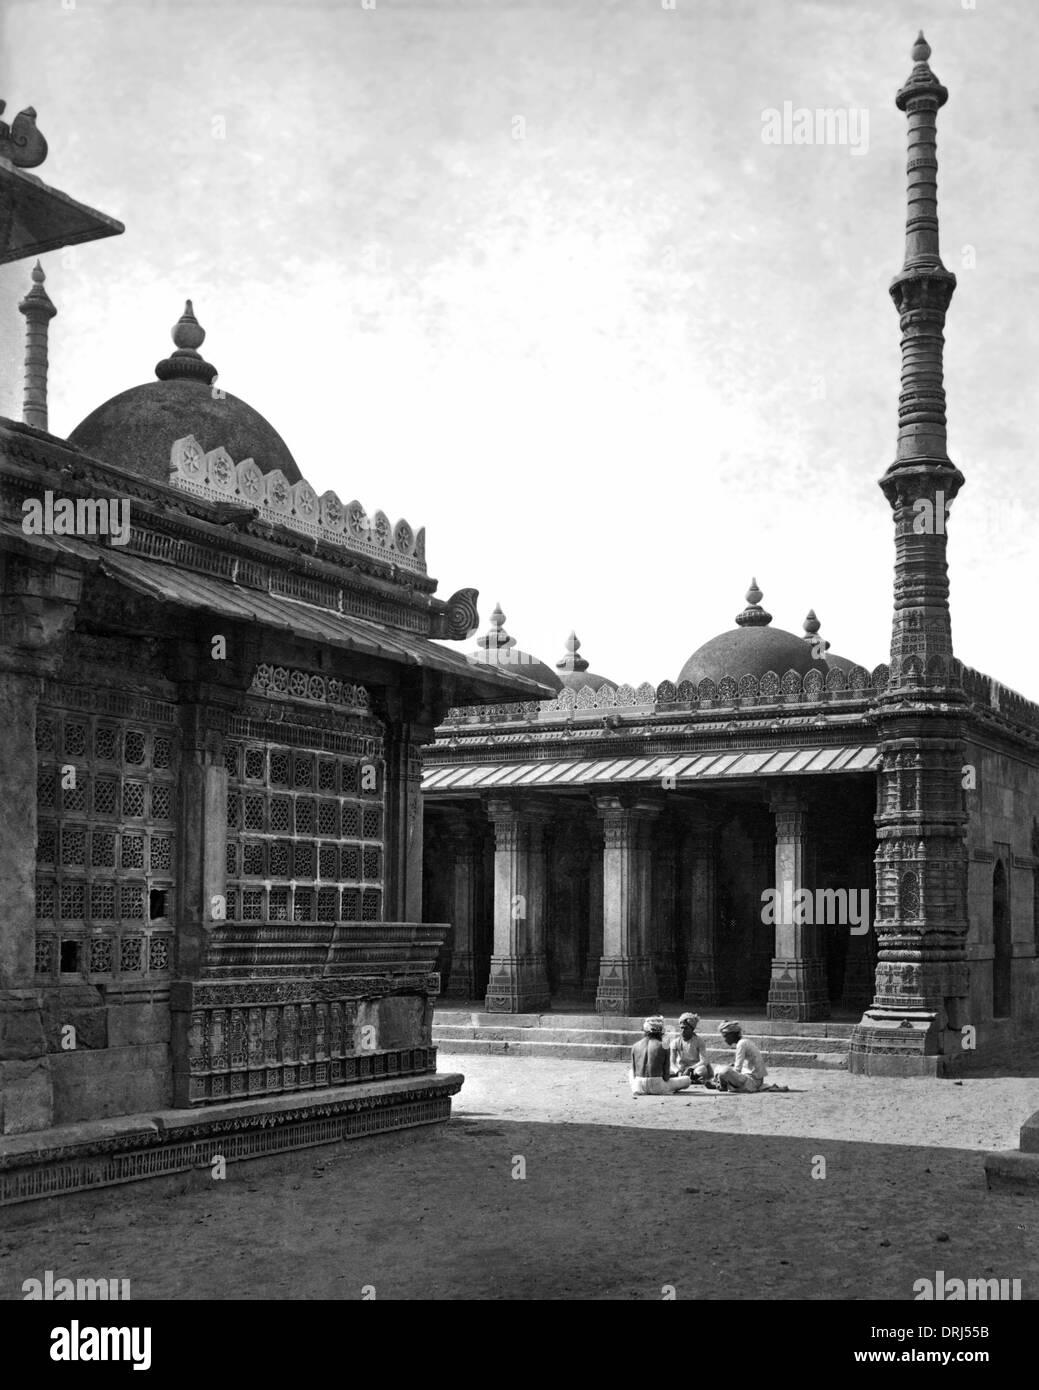 Ranee Seeprika Musjid, Ahmedabad, India - Stock Image